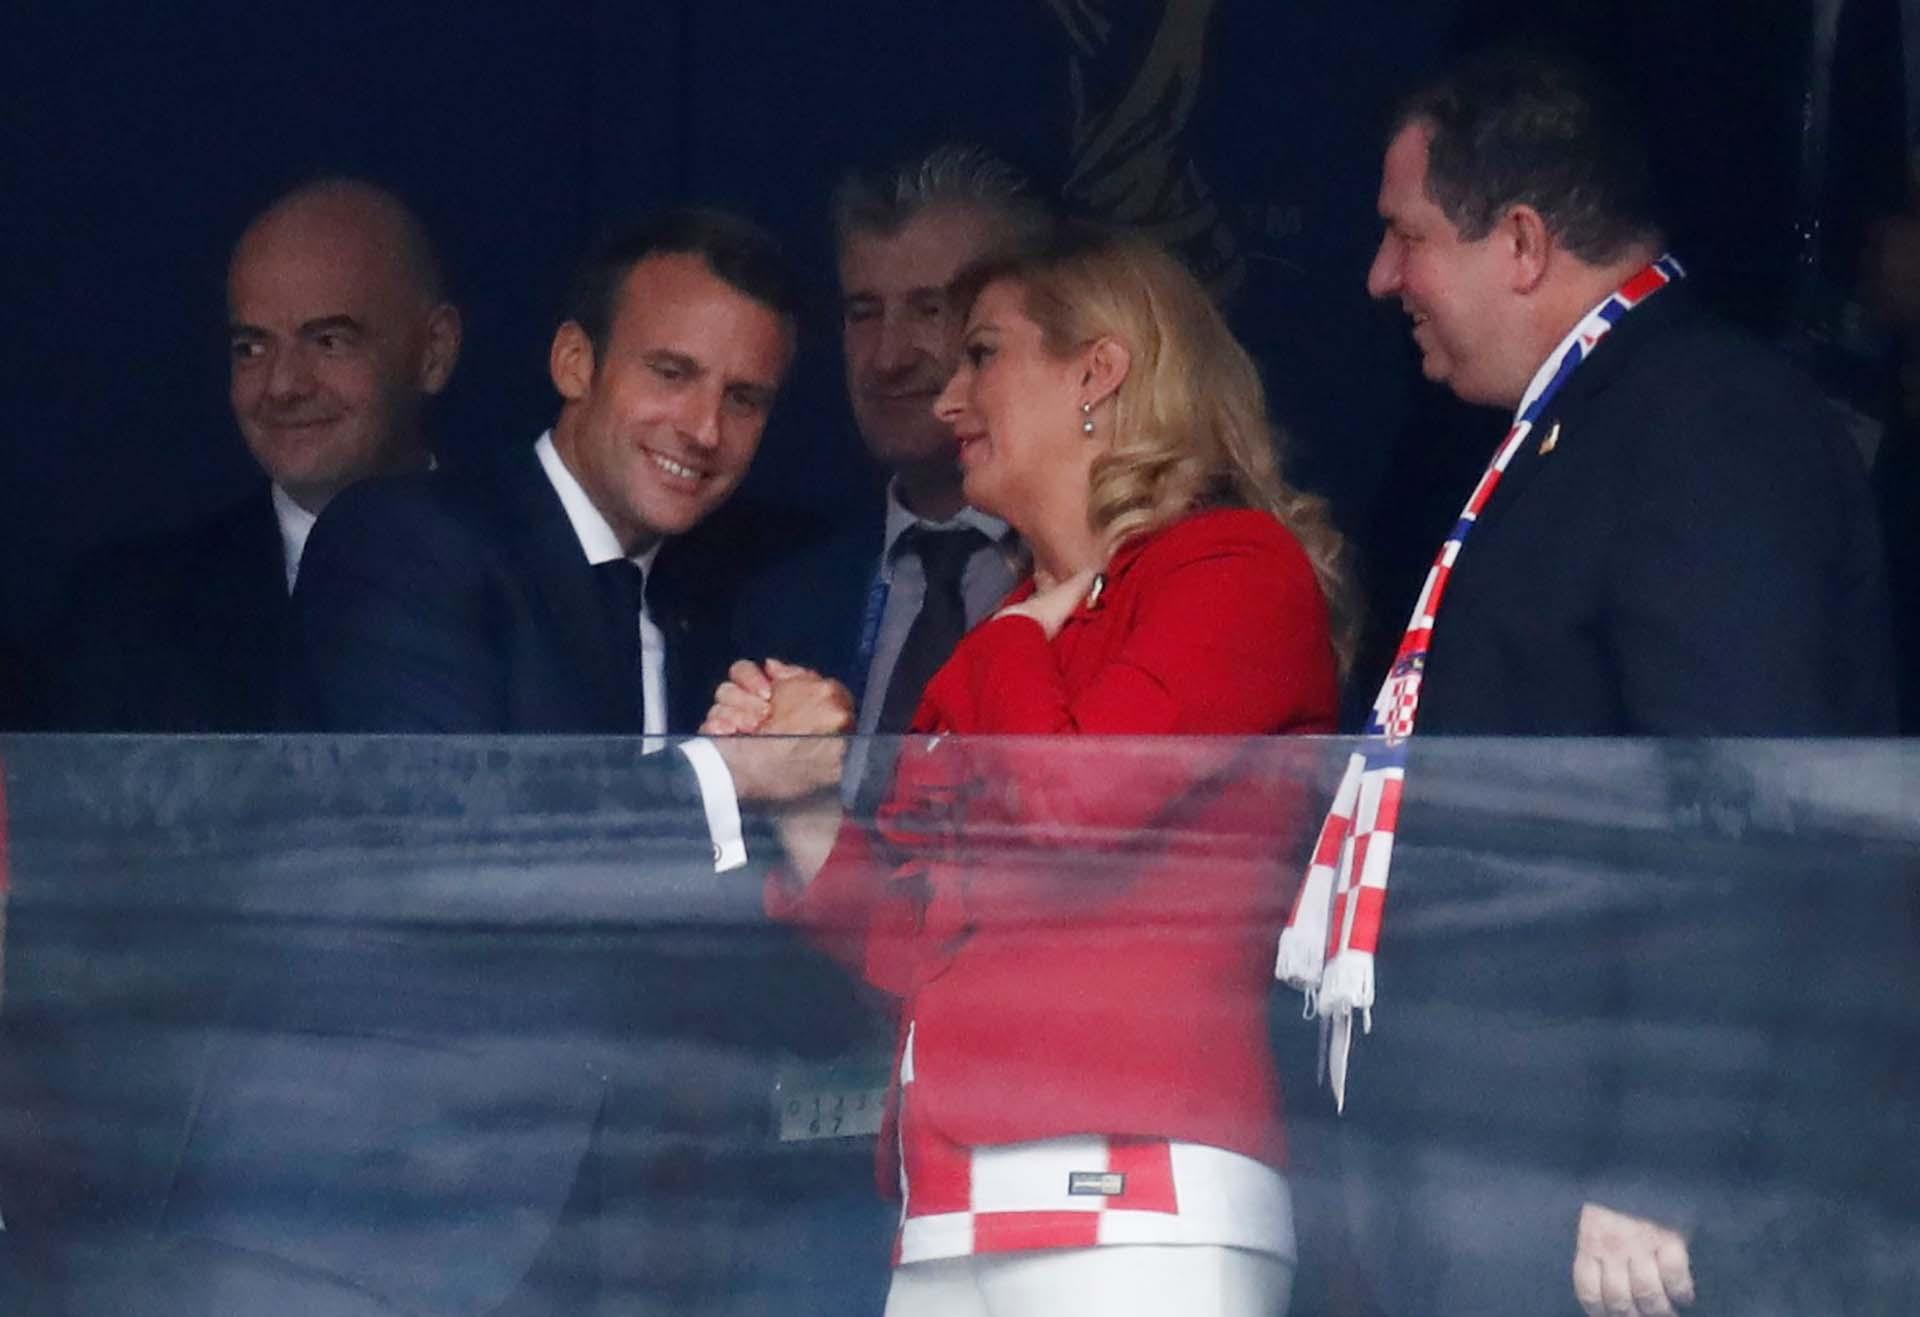 Los presidentes de Francia y Croacia se saludan